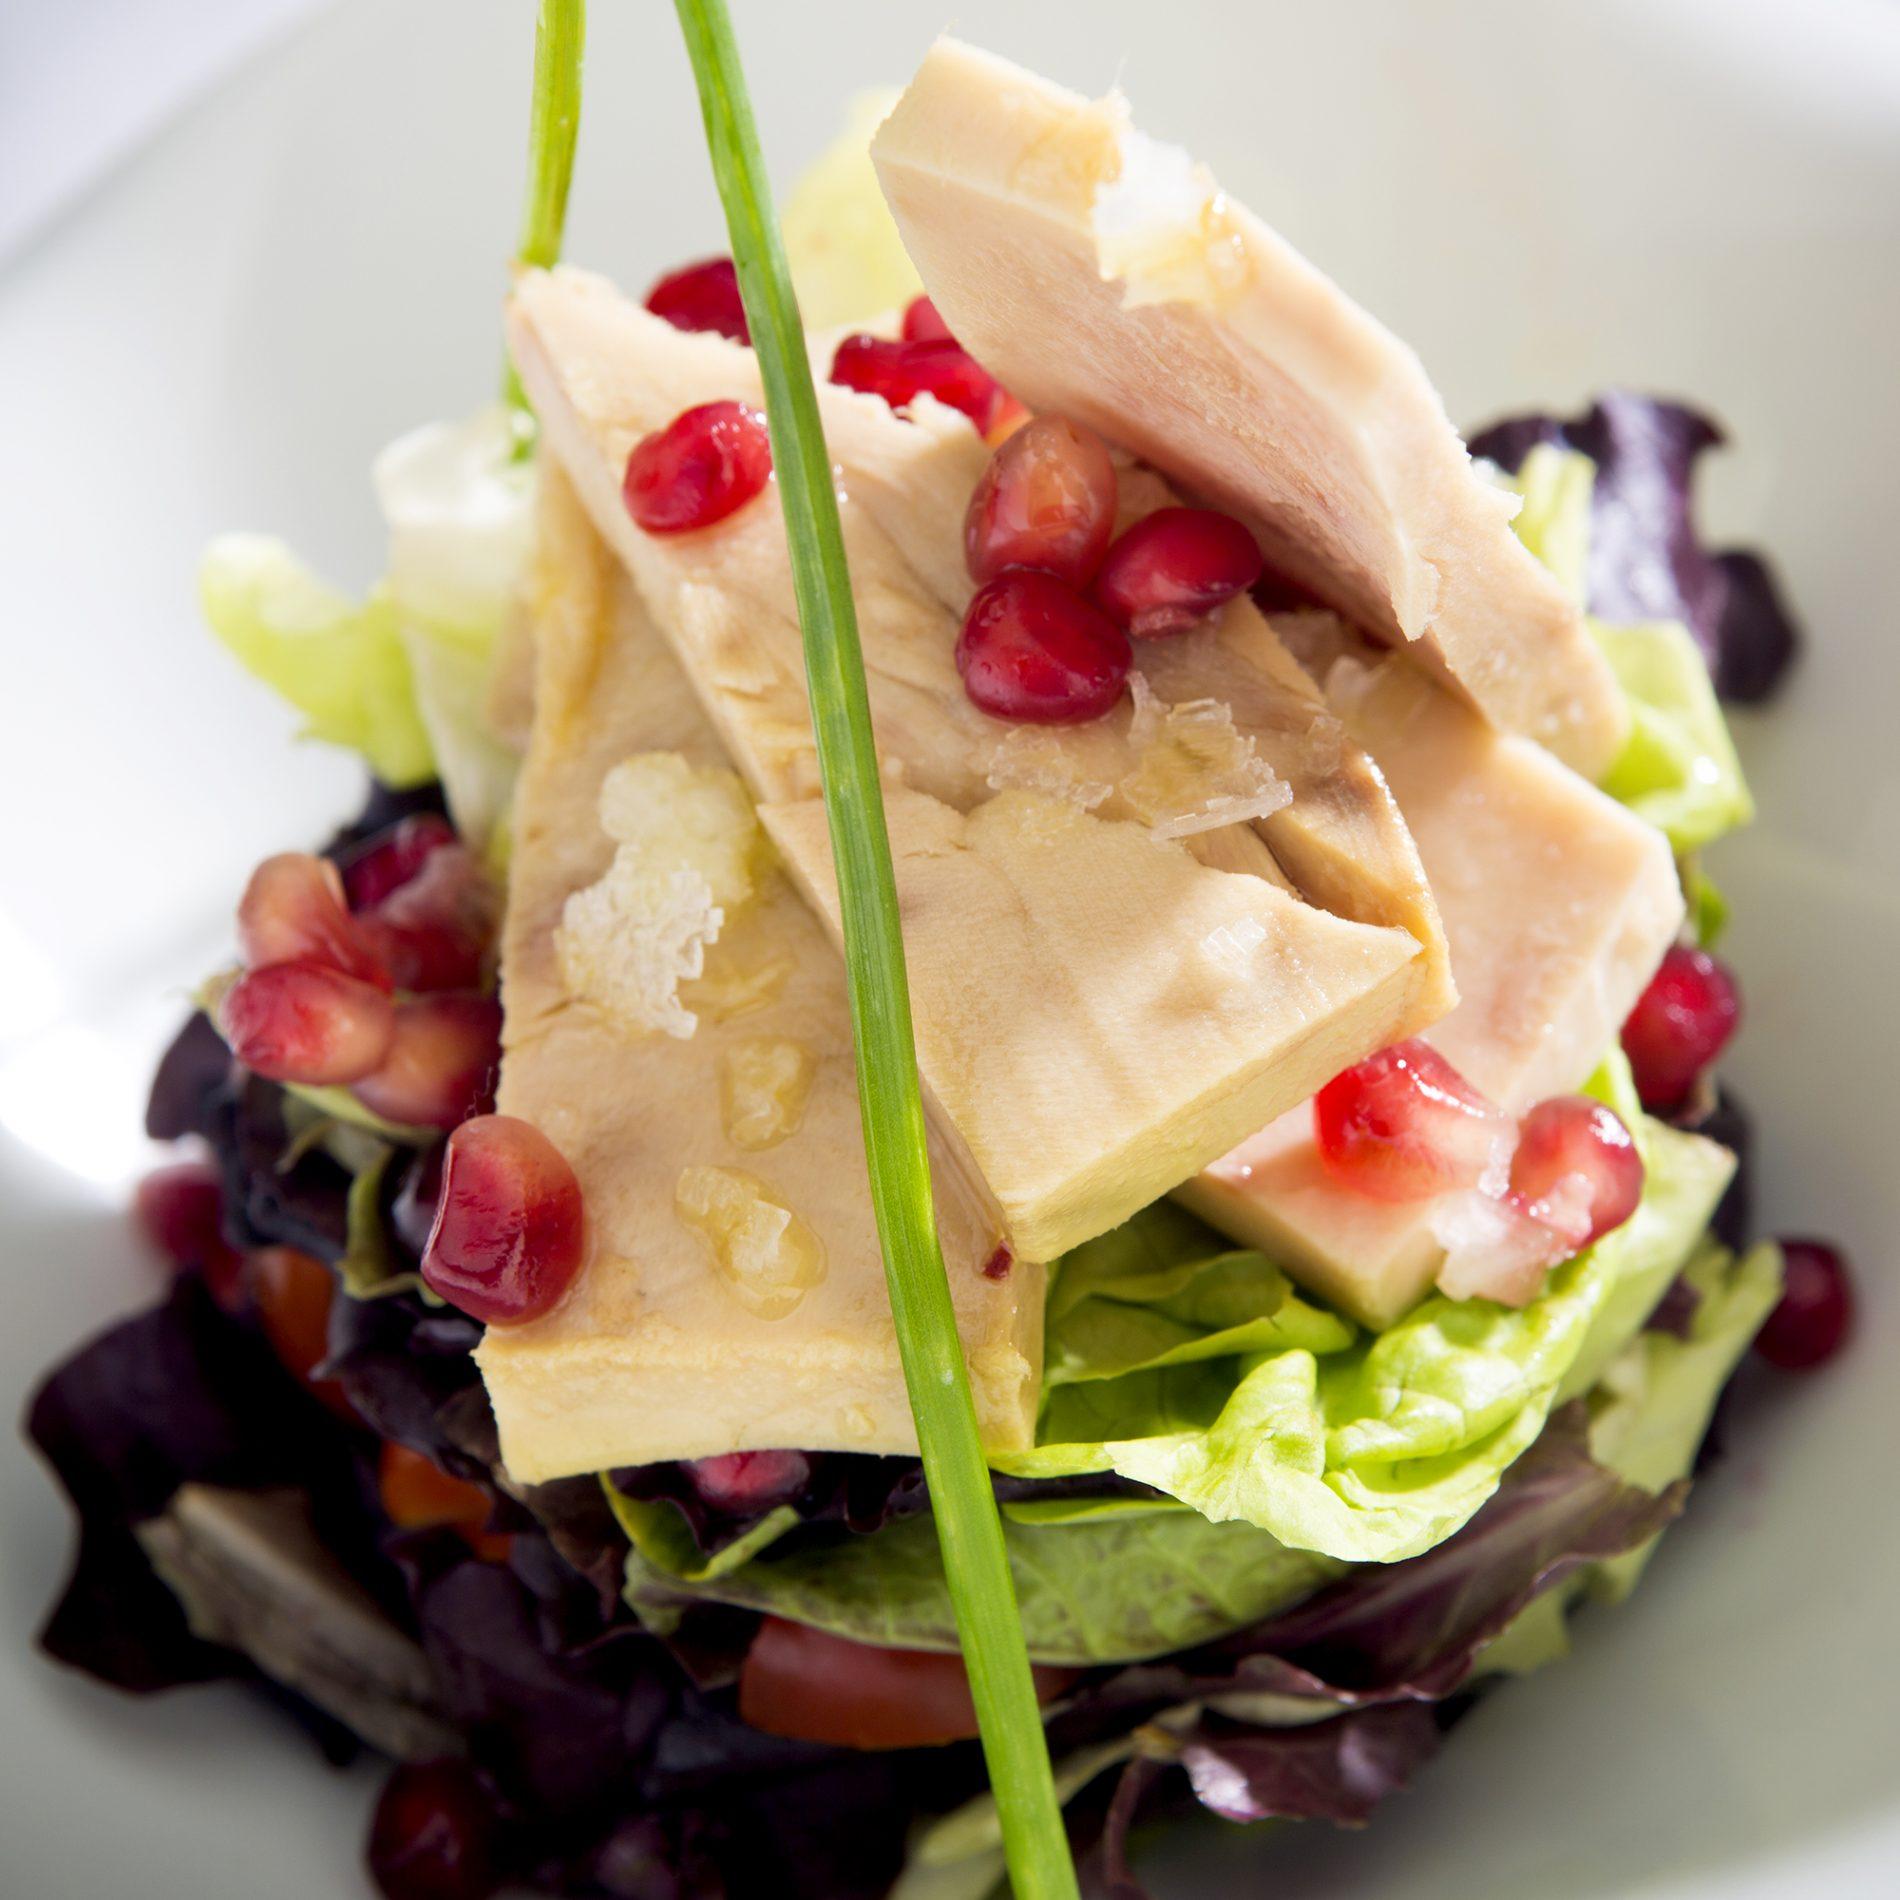 Fotografía de Alimentación. Ensalada de ventresca, carta Restaurante